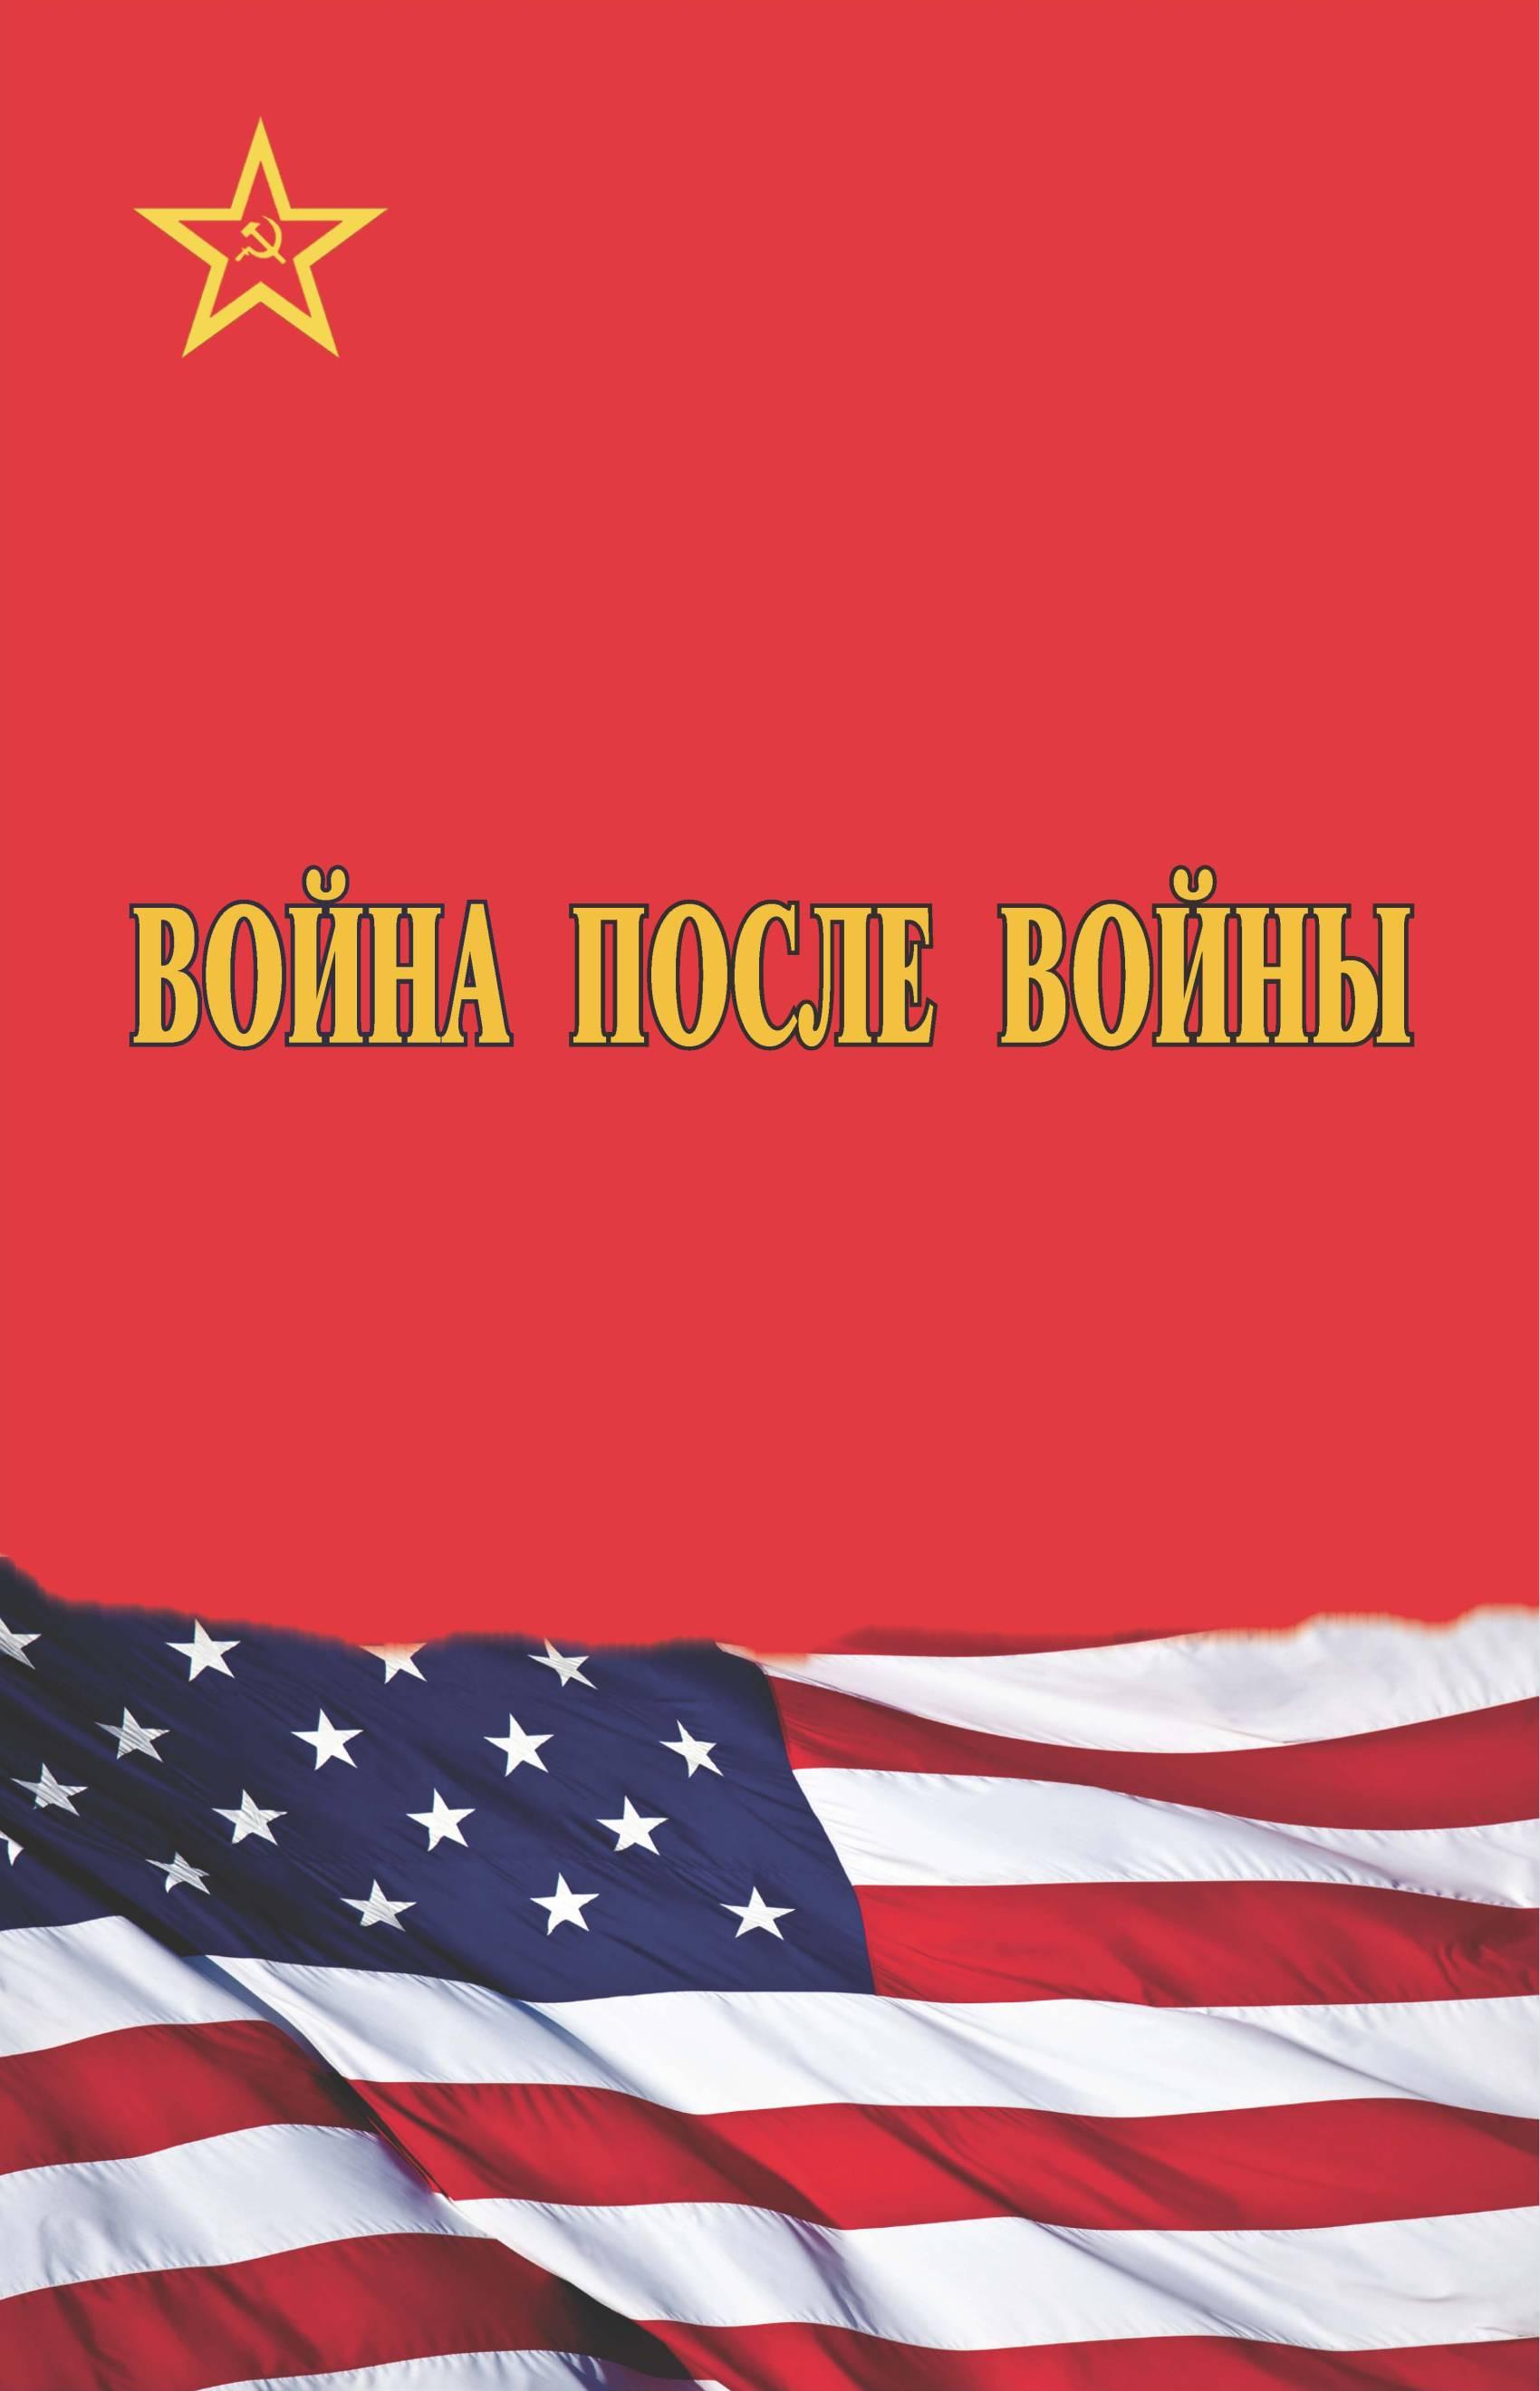 Фото - Сборник Война после войны голдгейгер дж макфол м цель и средства политика сша в отношении россии после холодной войны